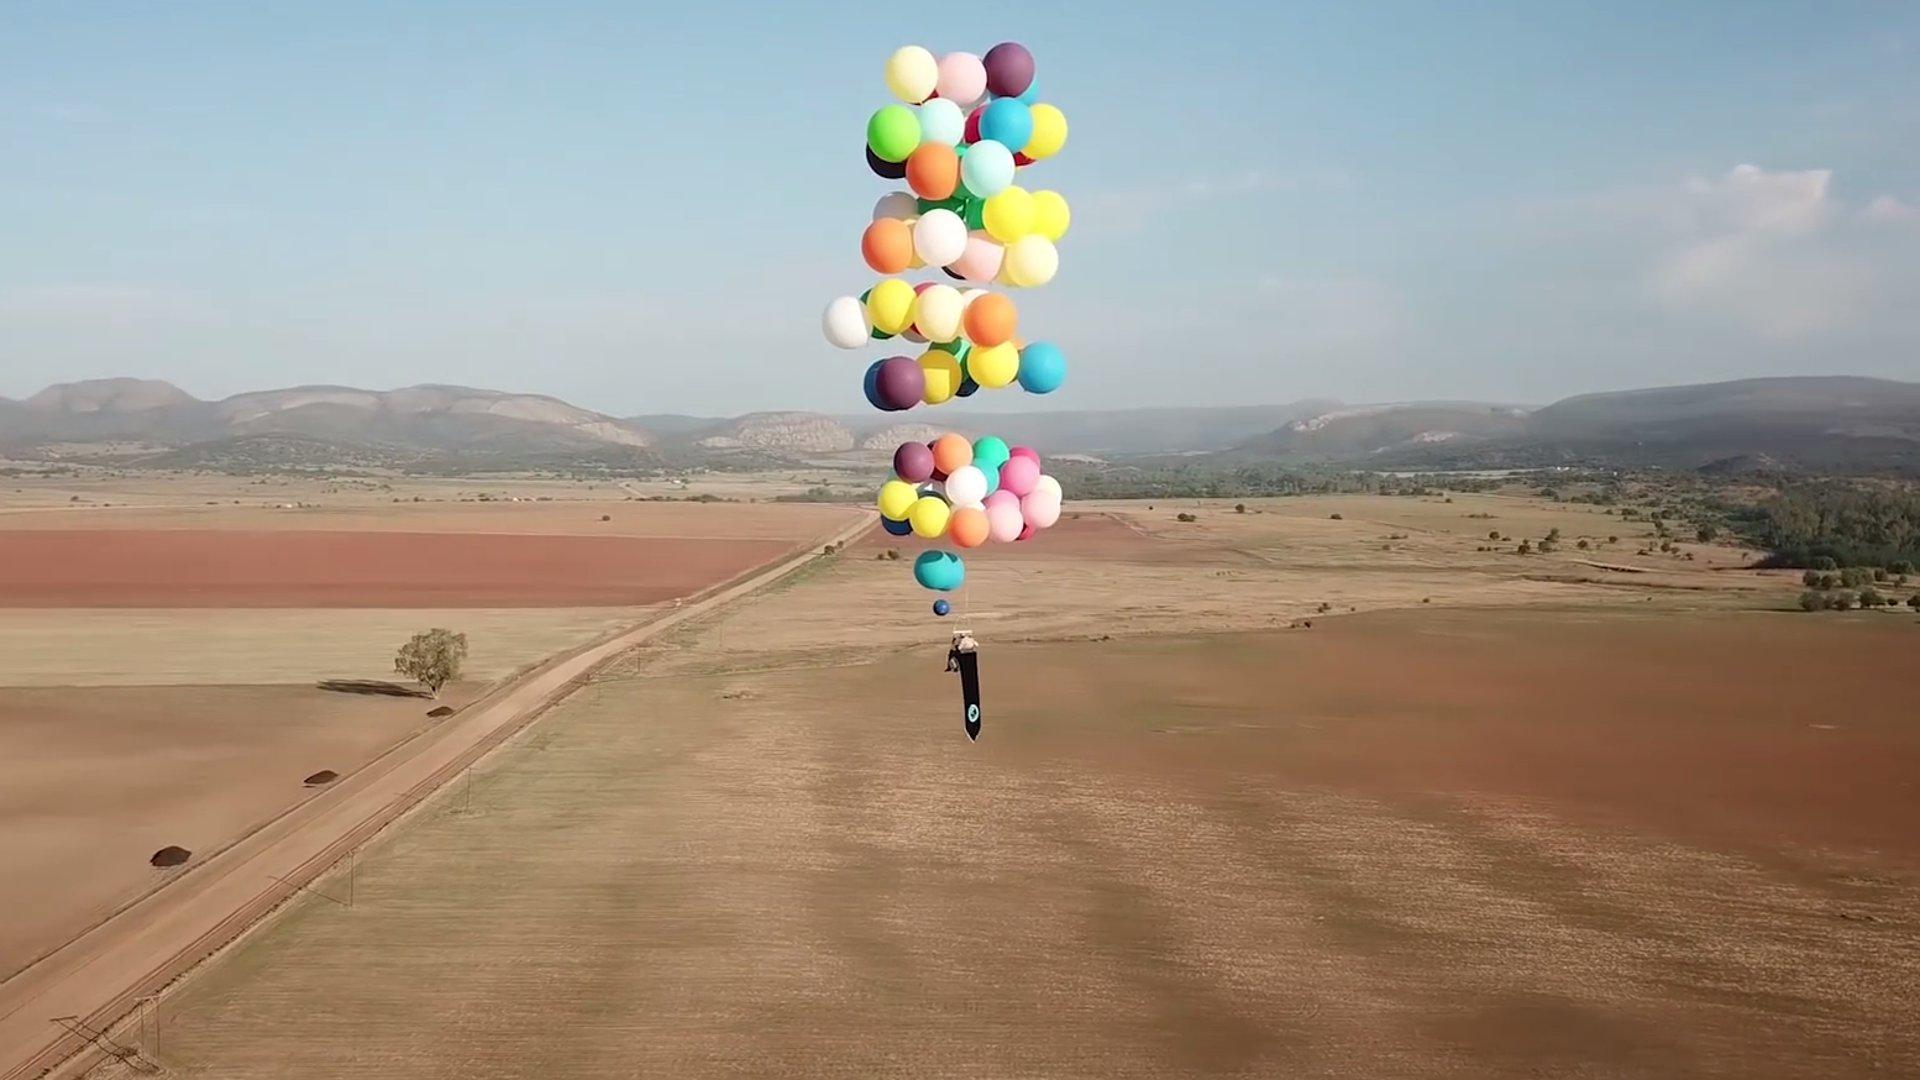 Kindheitsträume werden wahr: Mann fliegt mit 100 Luftballons über Afrika